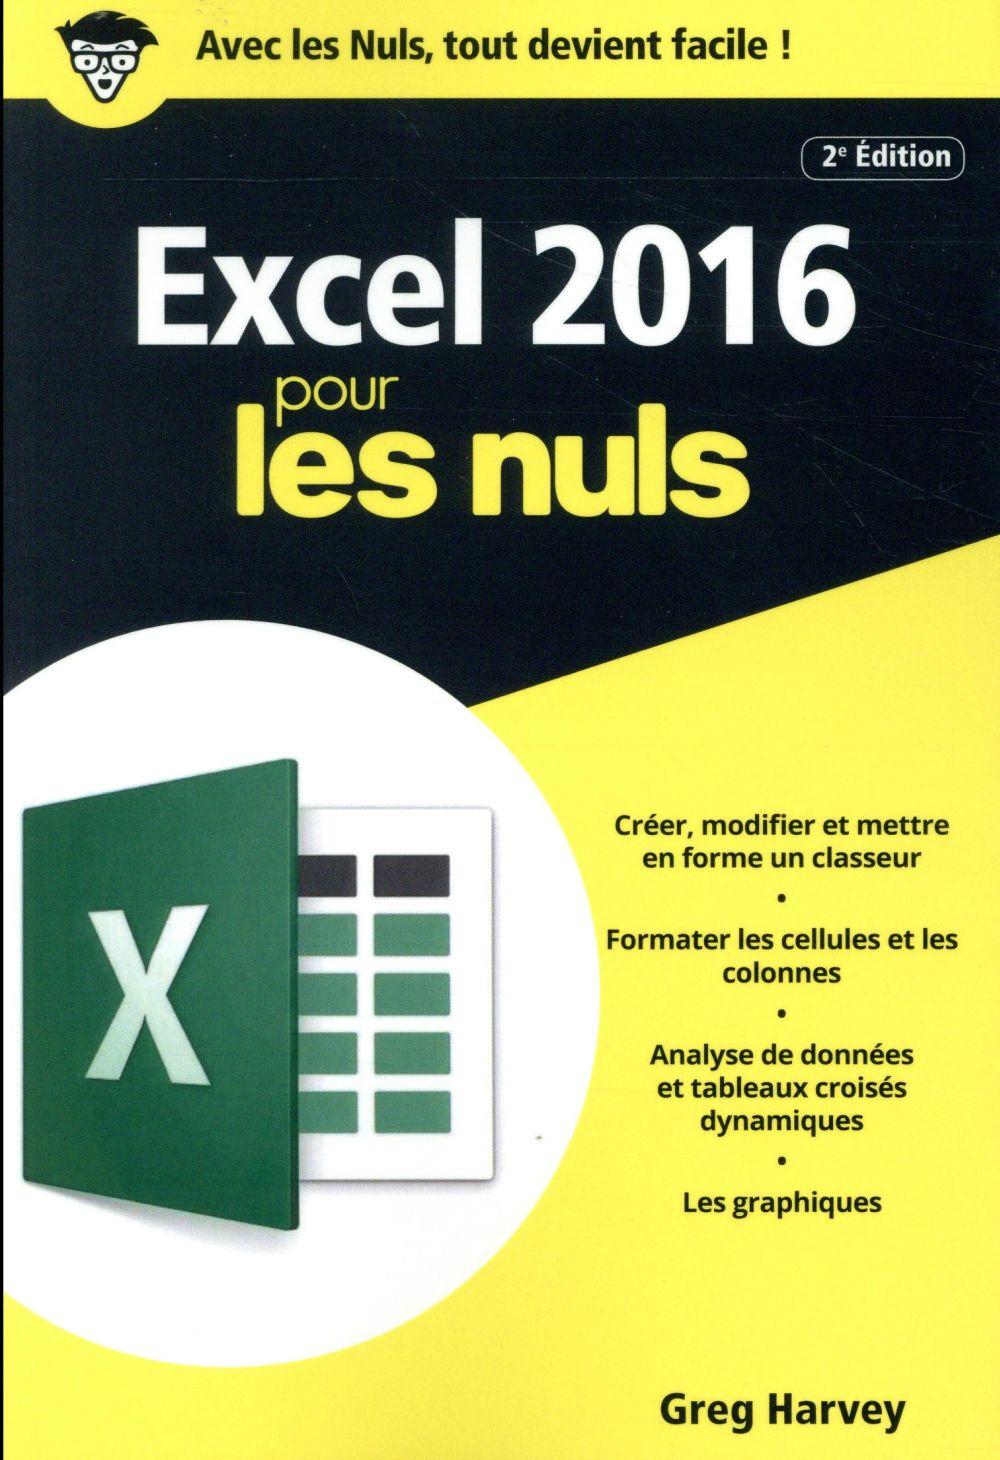 Excel 2016 pour les nuls (2e édition)